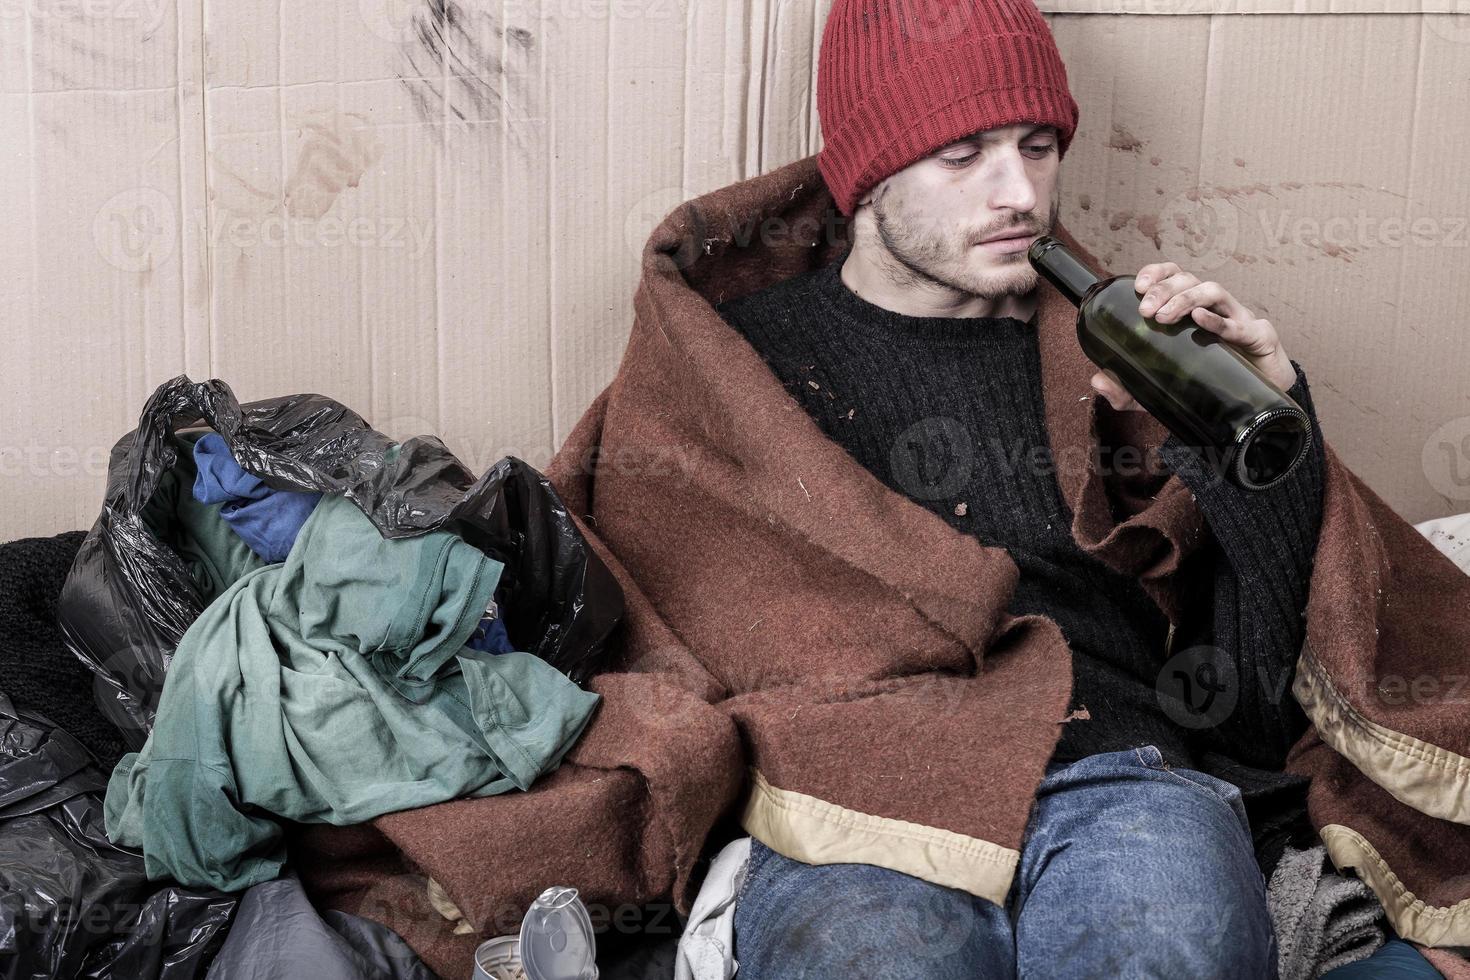 personas sin hogar bebiendo vino barato foto